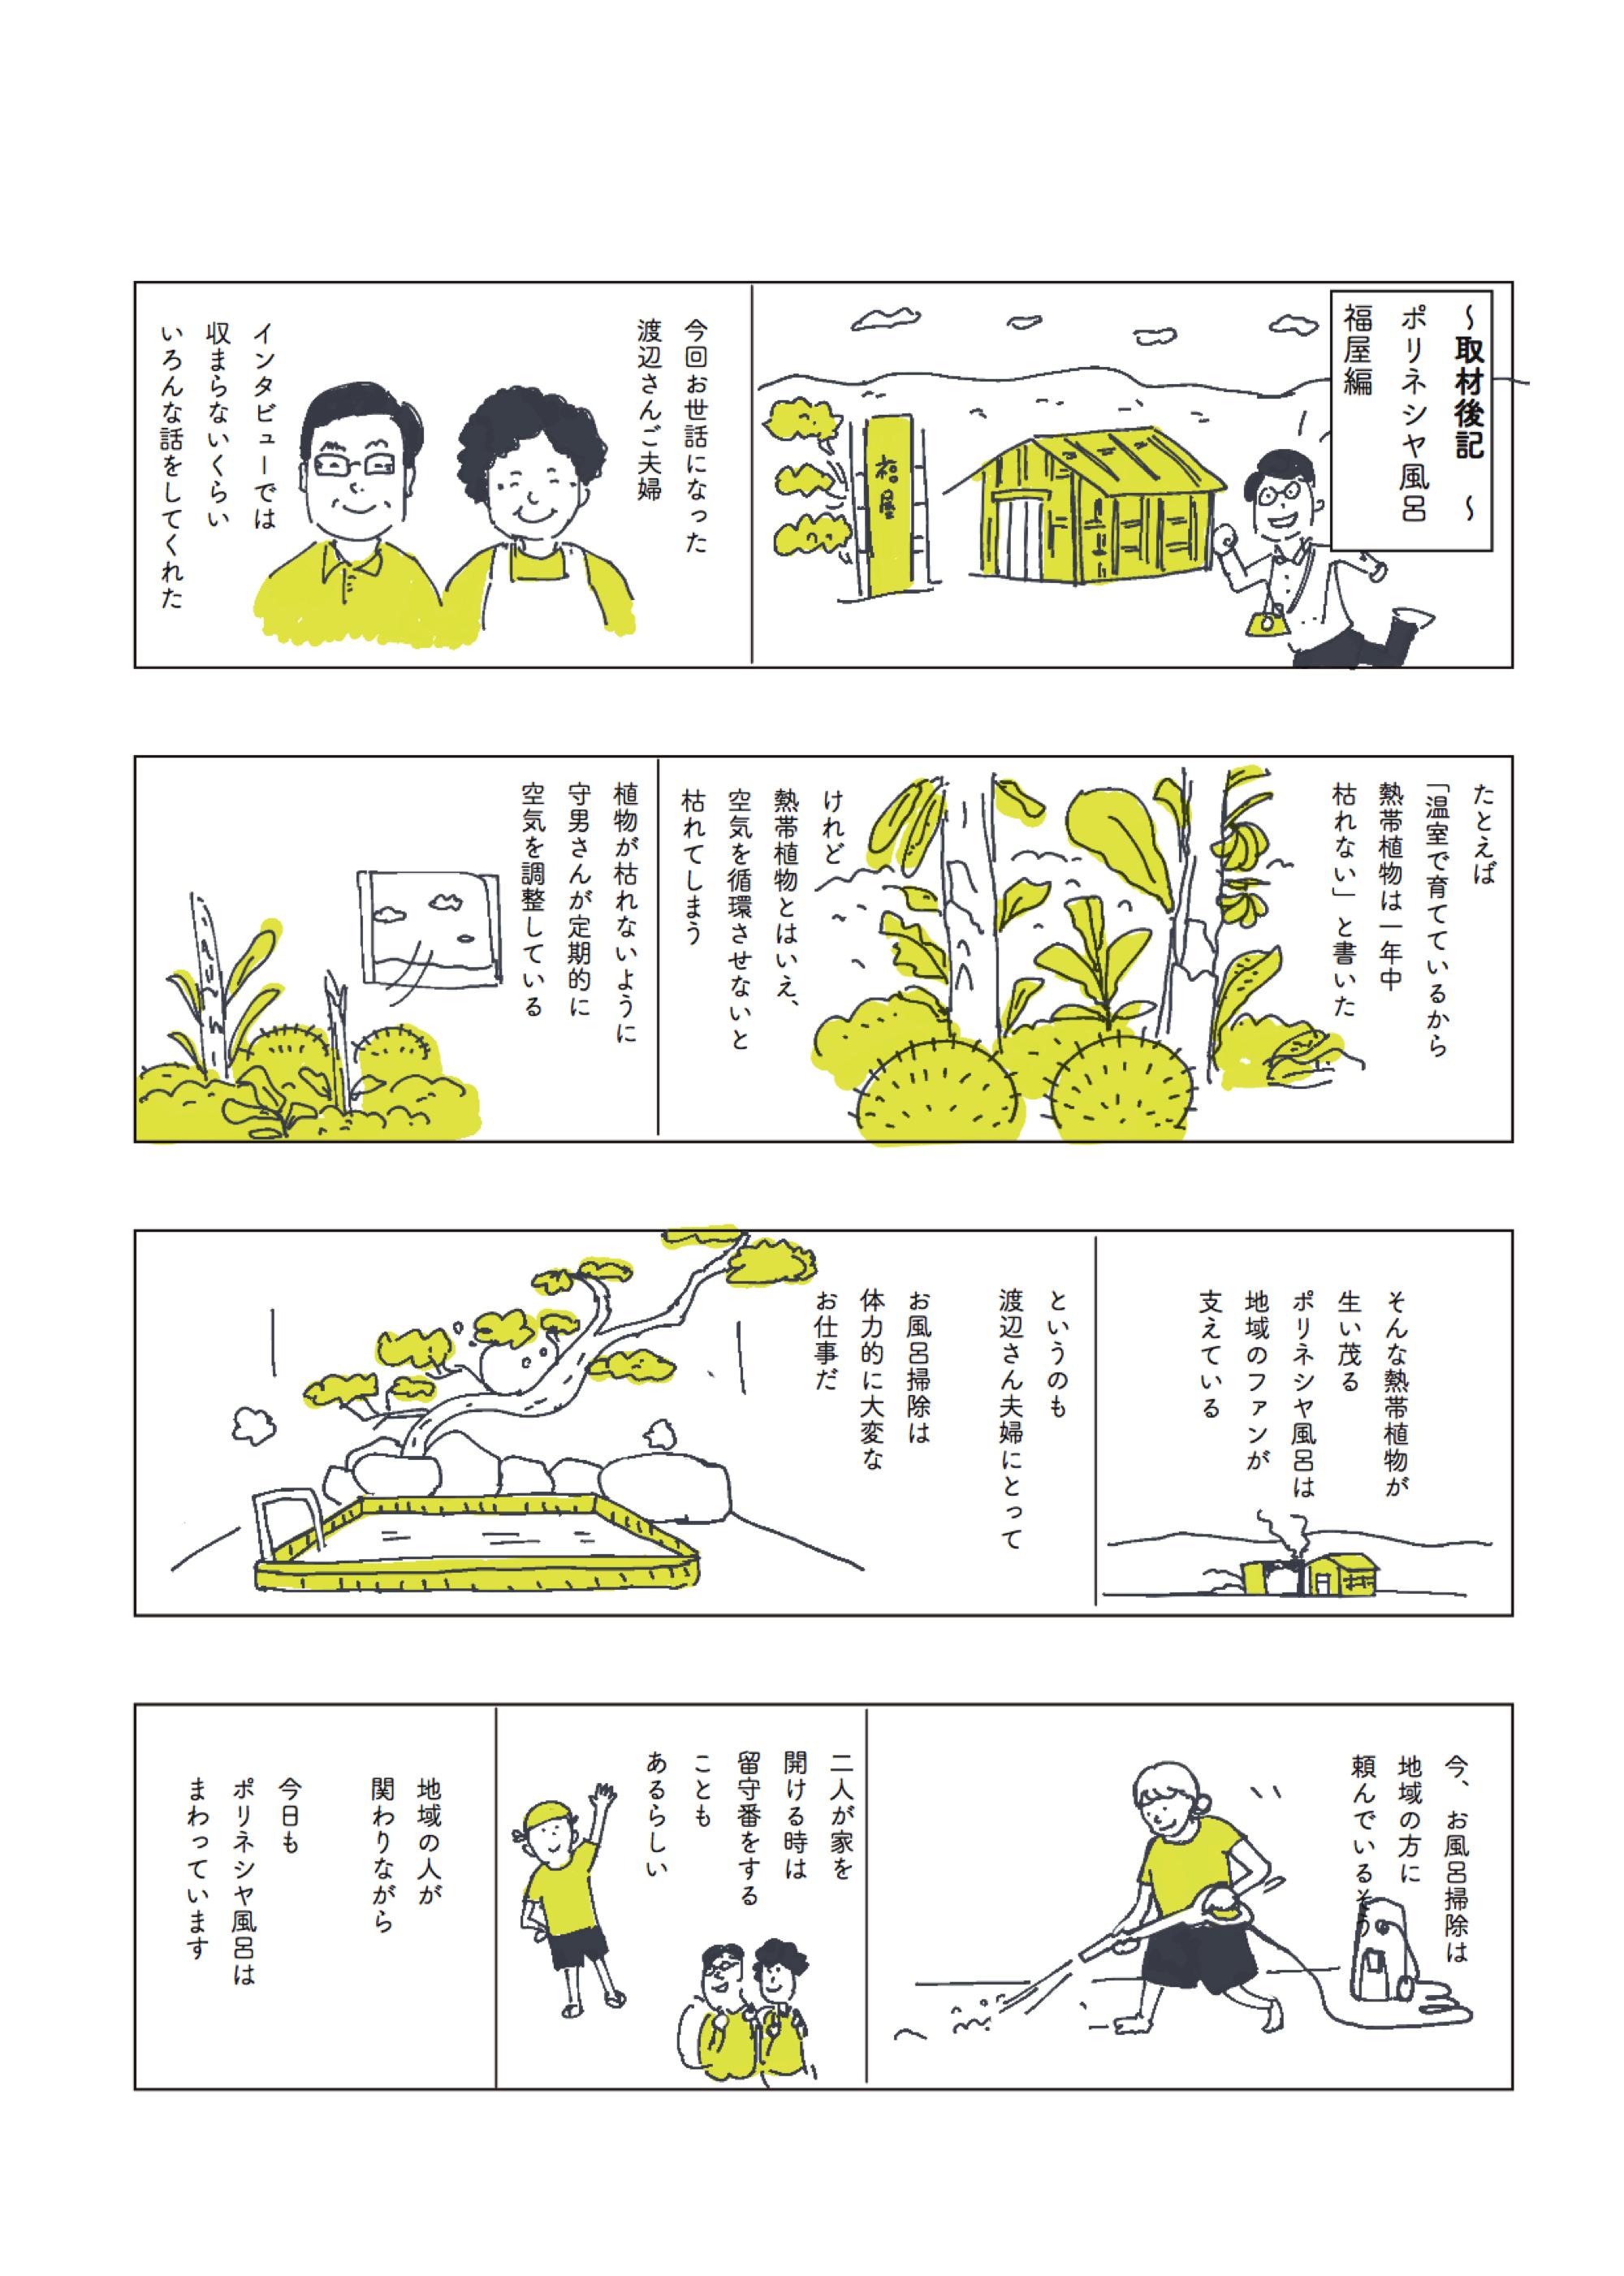 ポリネシヤ風呂福屋 copy